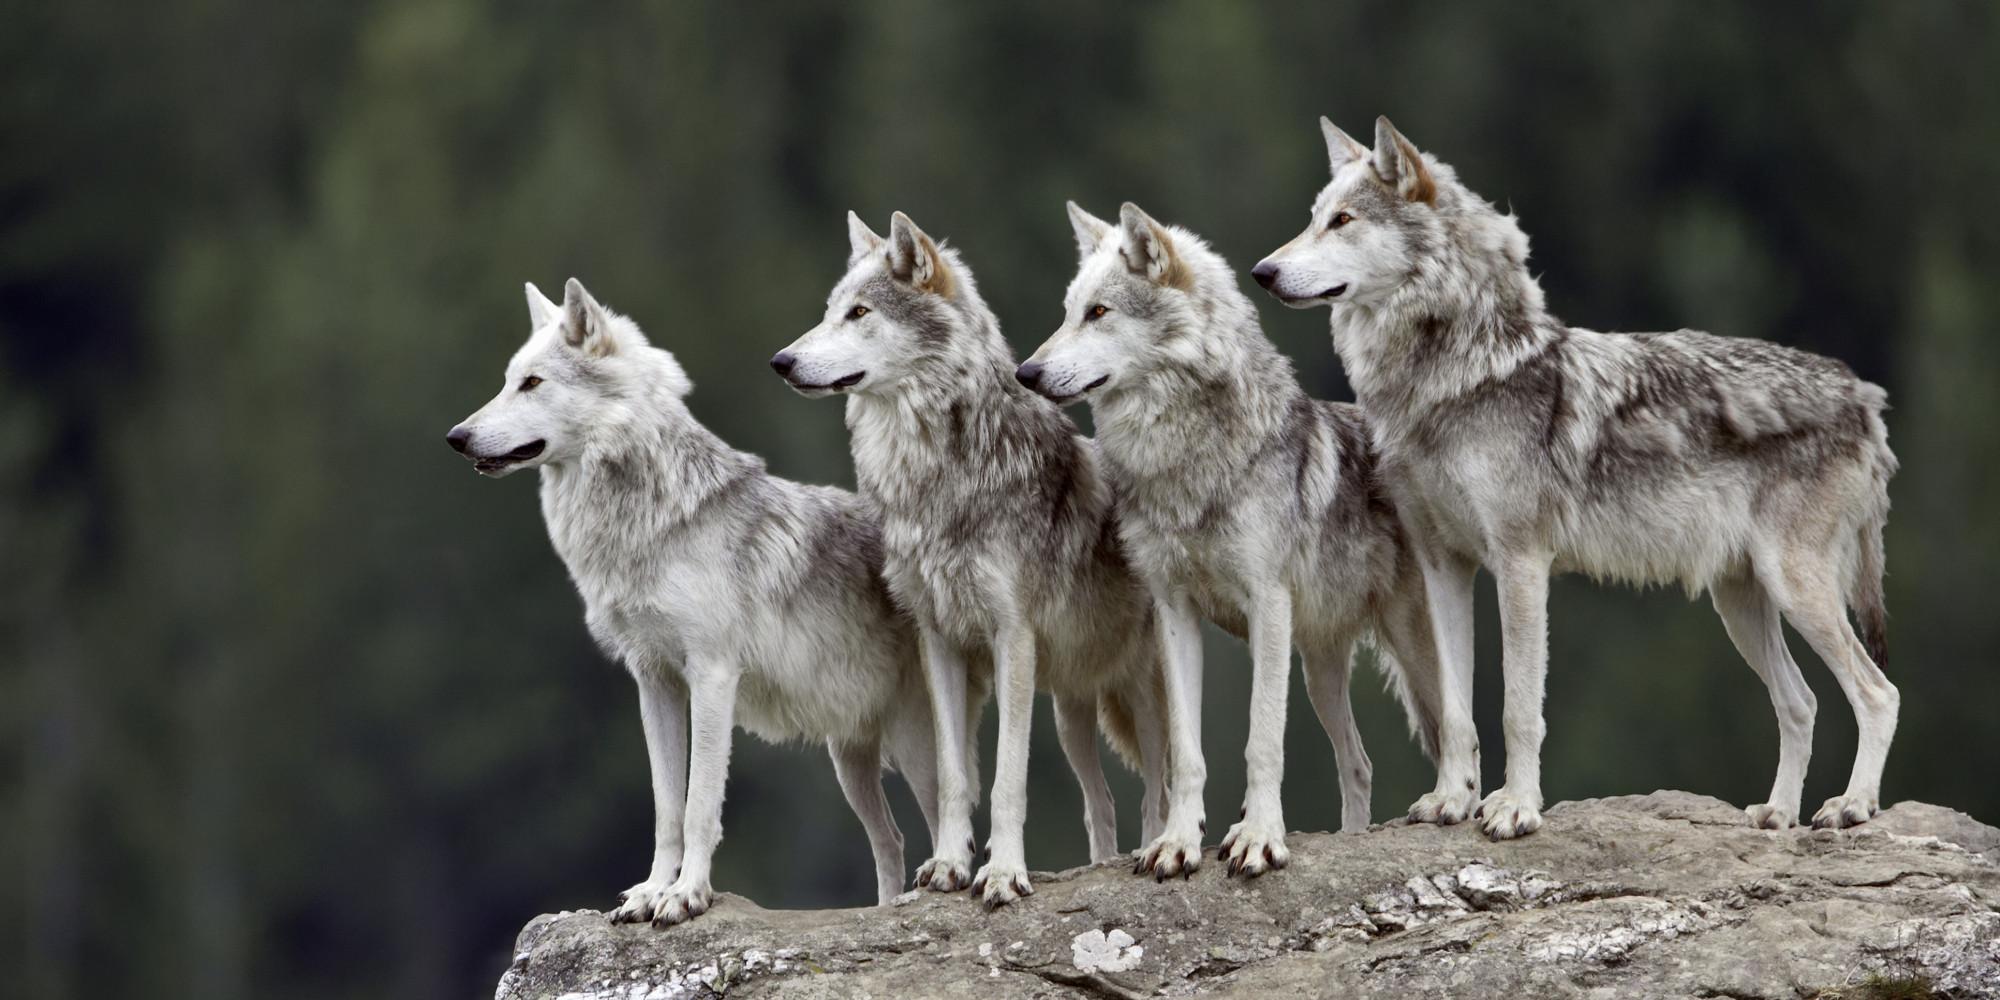 La miope guerra contro i lupi